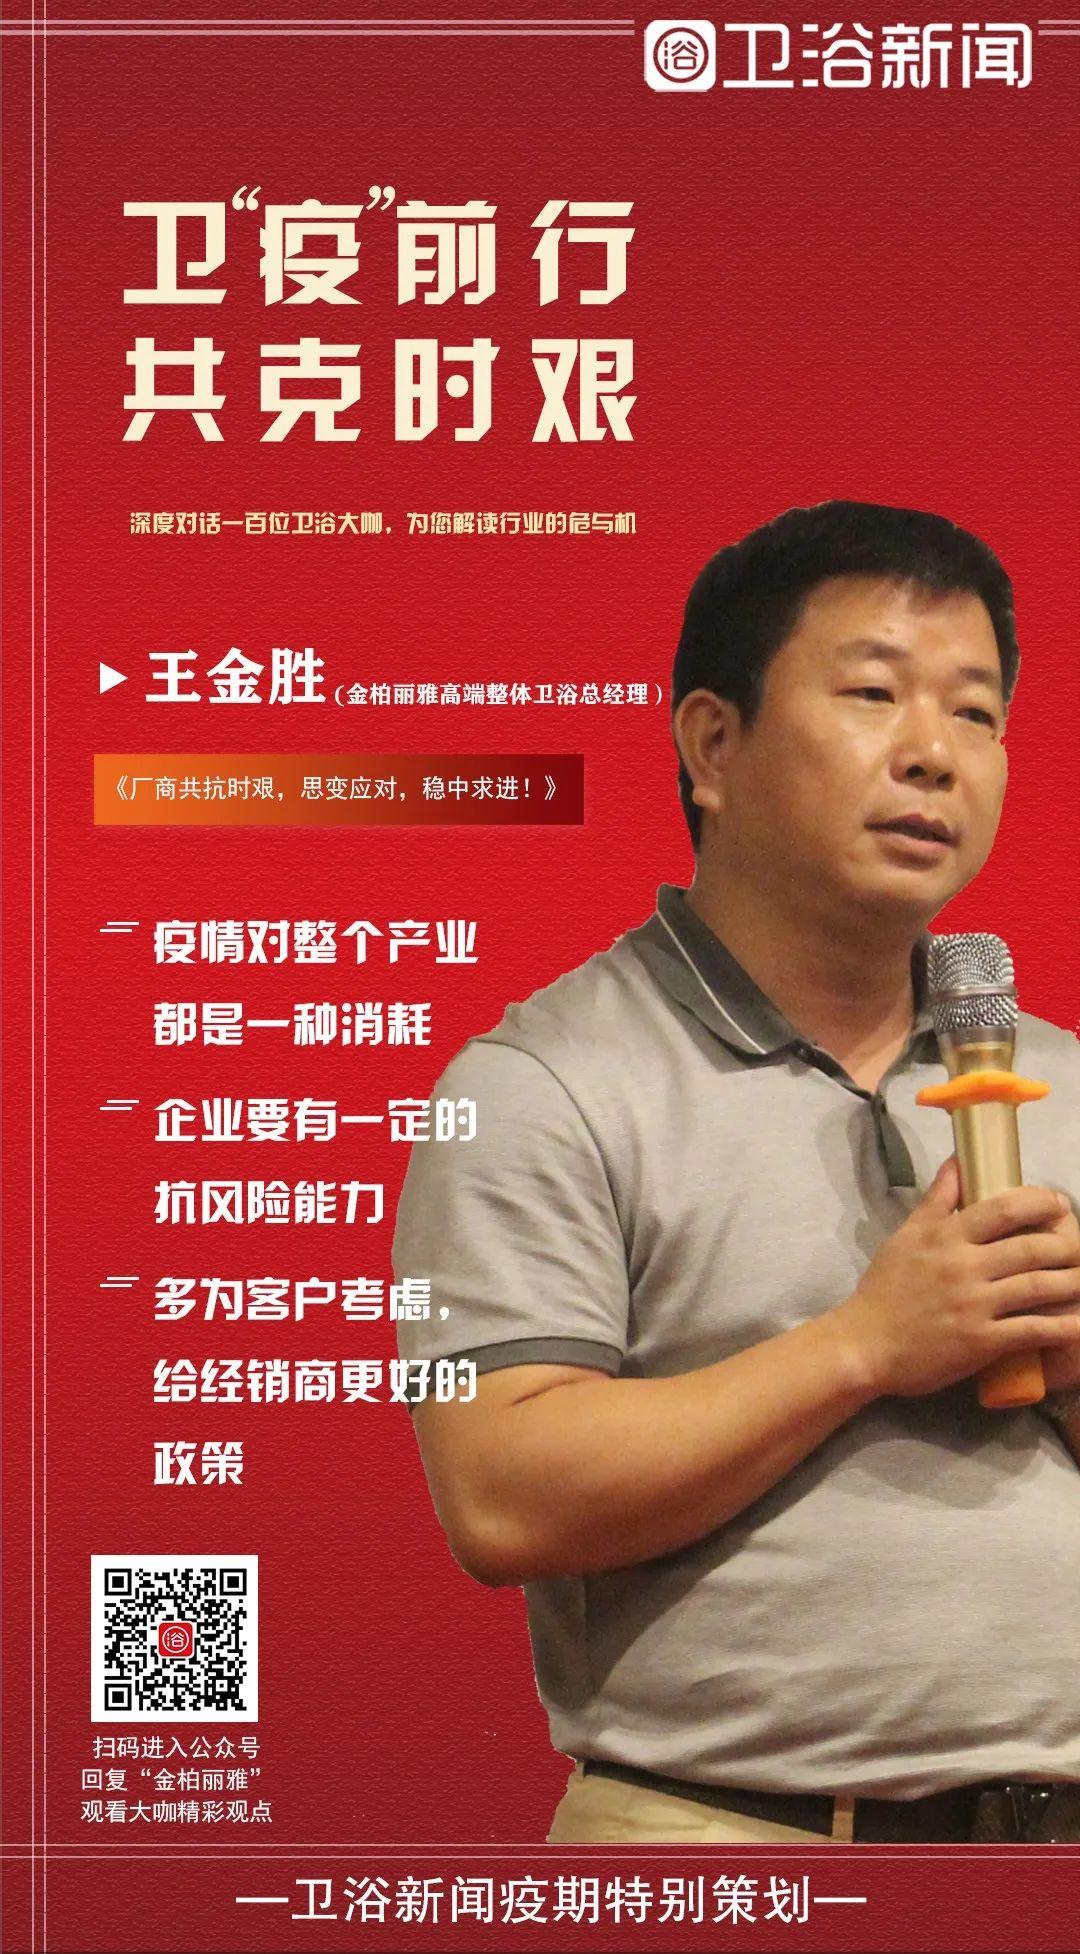 金柏丽雅王金胜:厂商共抗时艰,思变应对,稳中求进!